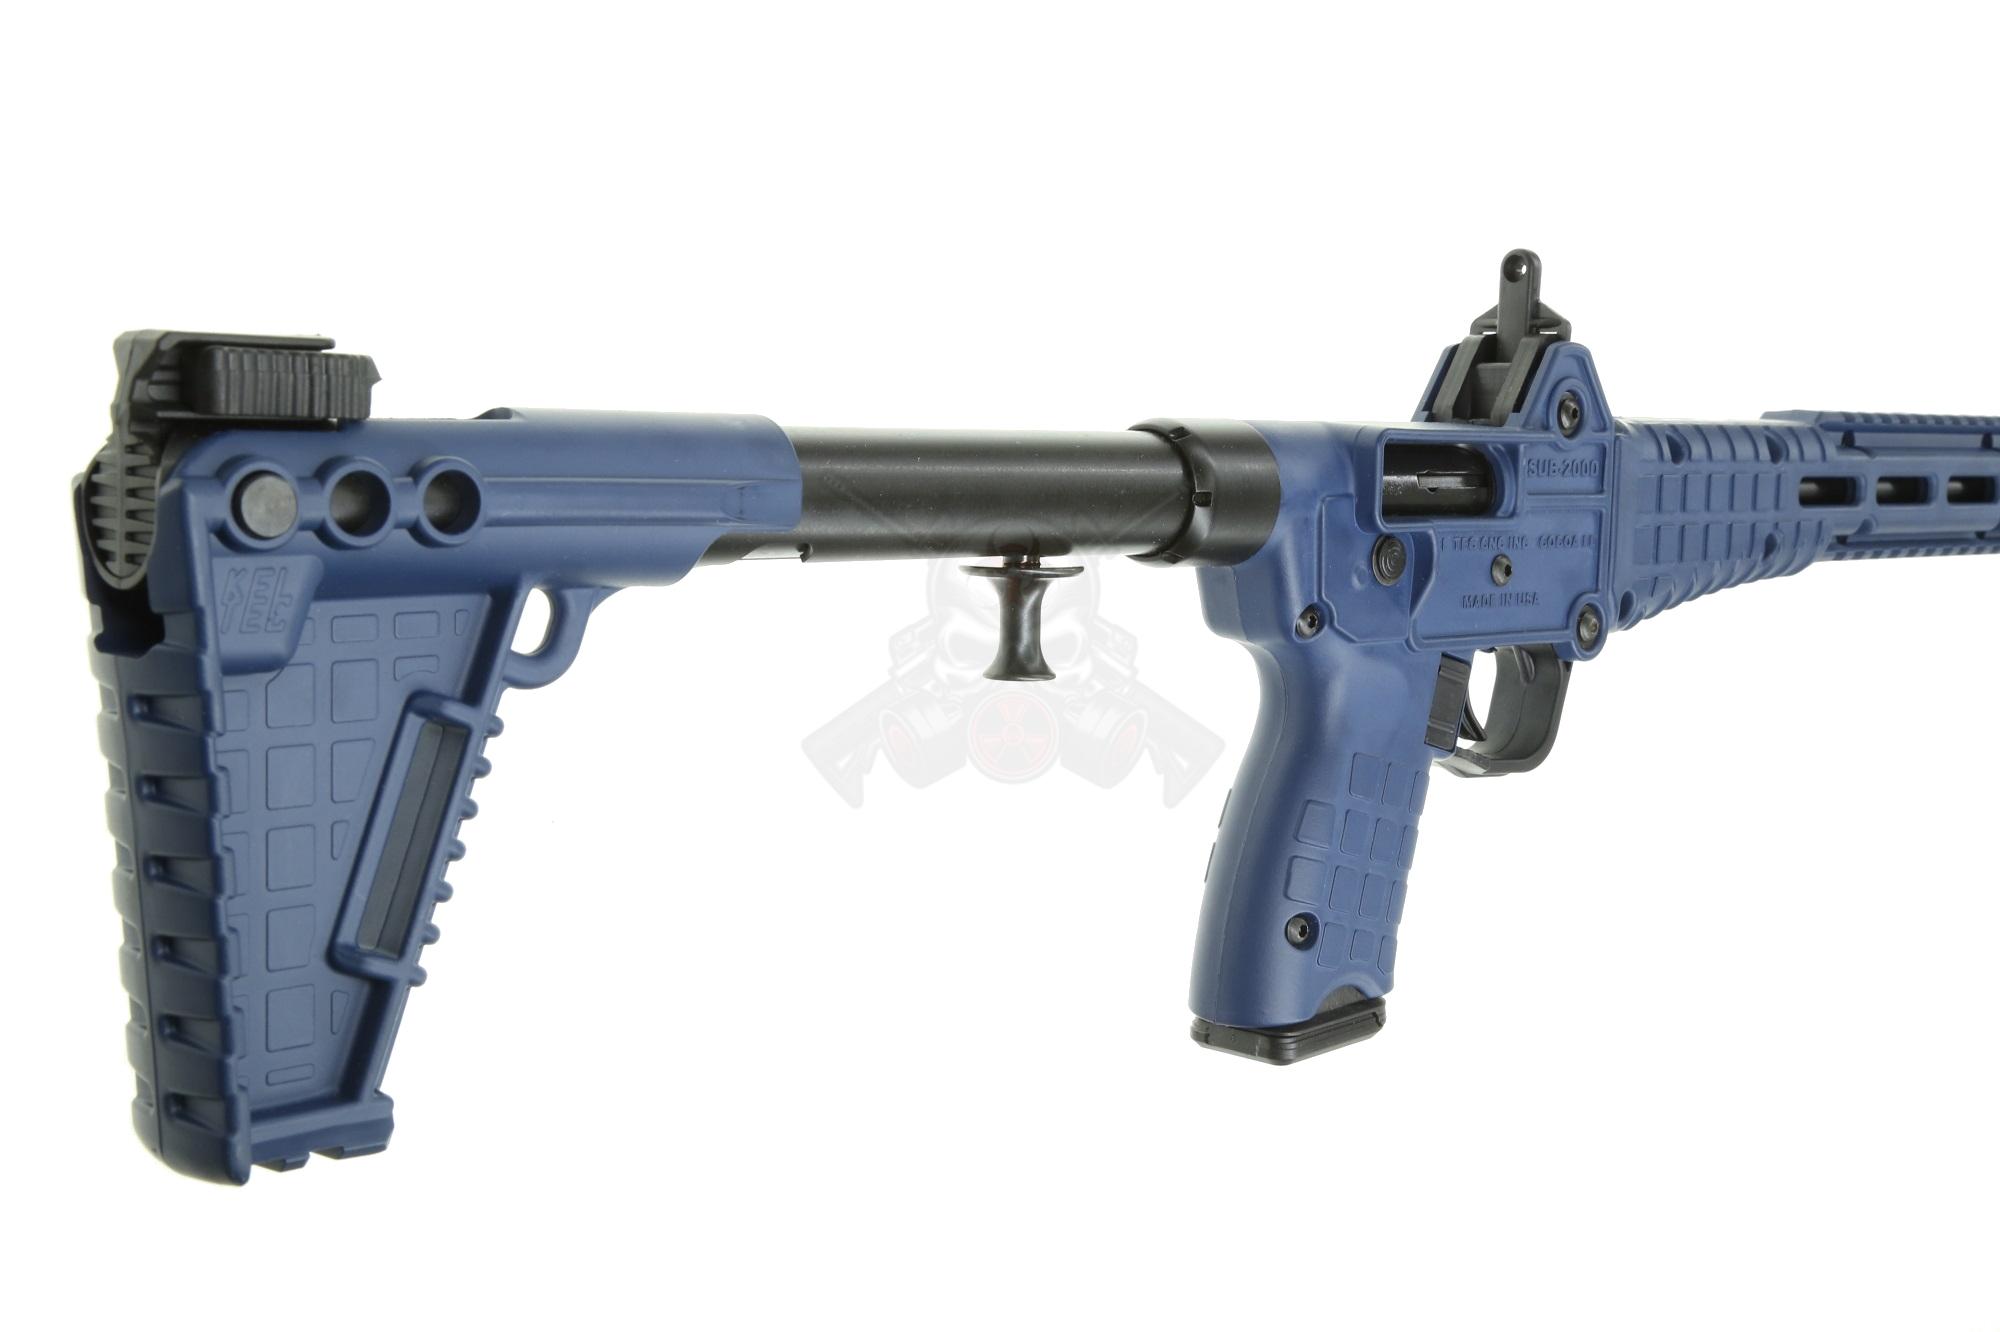 KEL-TEC SUB2000 9MM GLOCK MAG BLACK / NAVY BLUE 17RD GEN 2